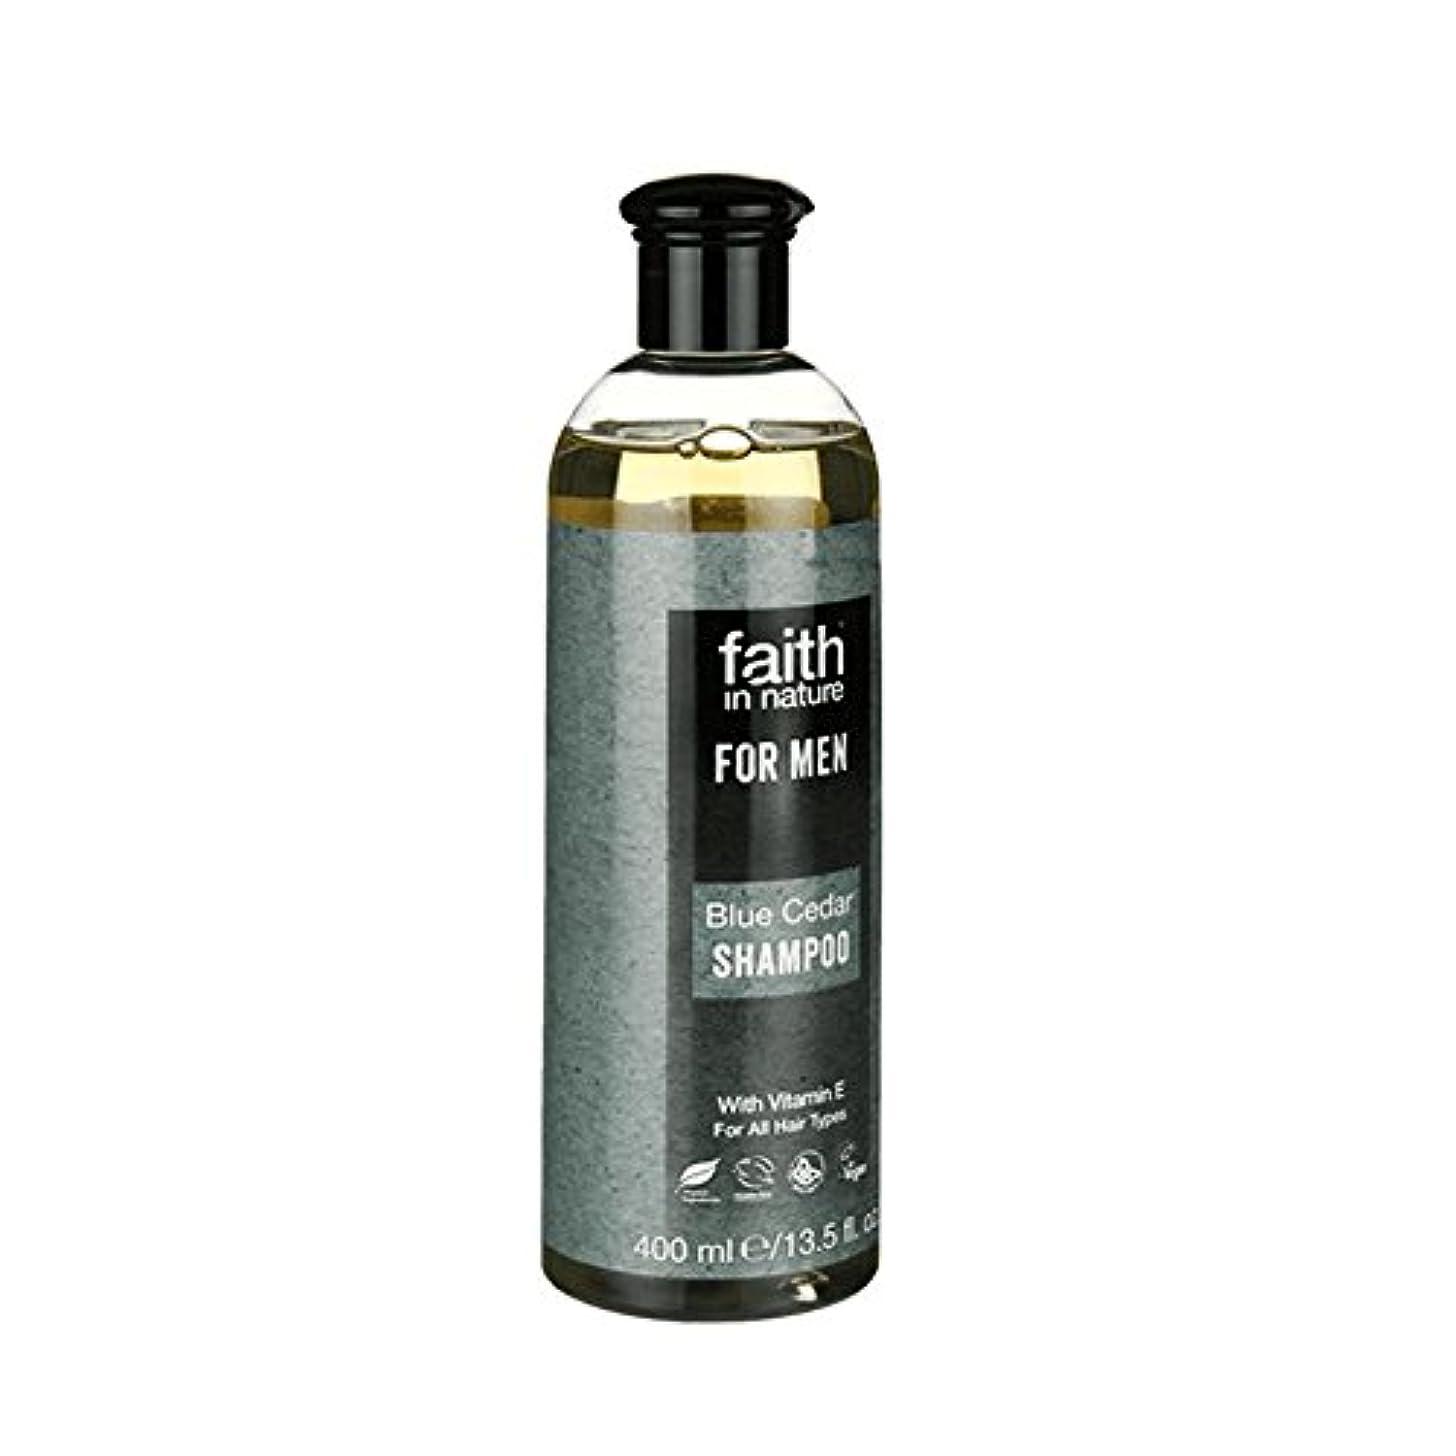 絞る落胆させる水っぽいFaith in Nature for Men Blue Cedar Shampoo 400ml (Pack of 6) - 男性青杉のシャンプー400ミリリットルのための自然の中で信仰 (x6) [並行輸入品]